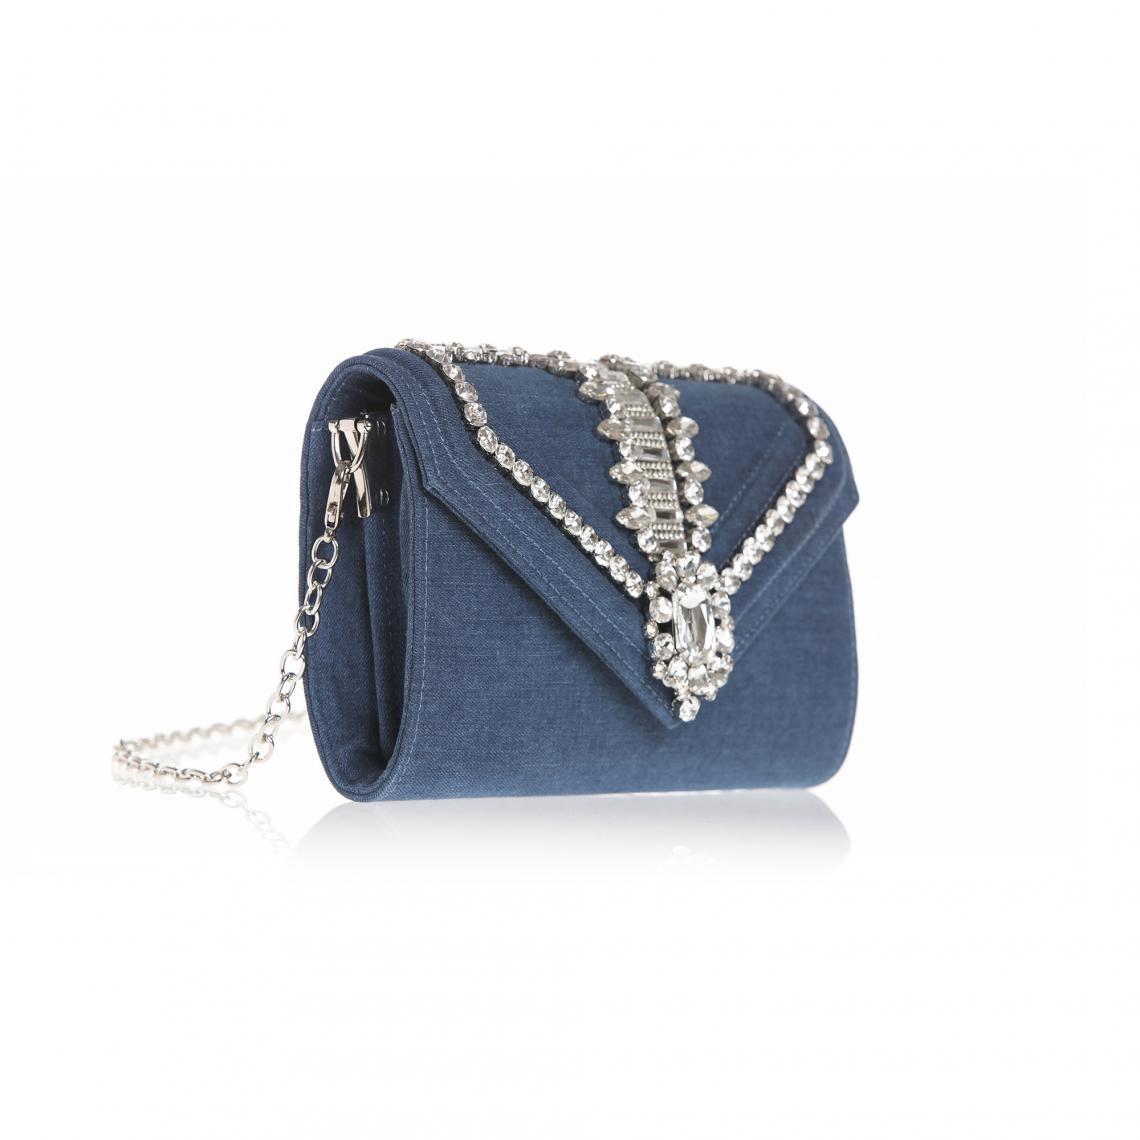 f6eb56c419 Sac à main en jean à revers et pierres fantaisie bandoulière amovible femme  - Bleu 3